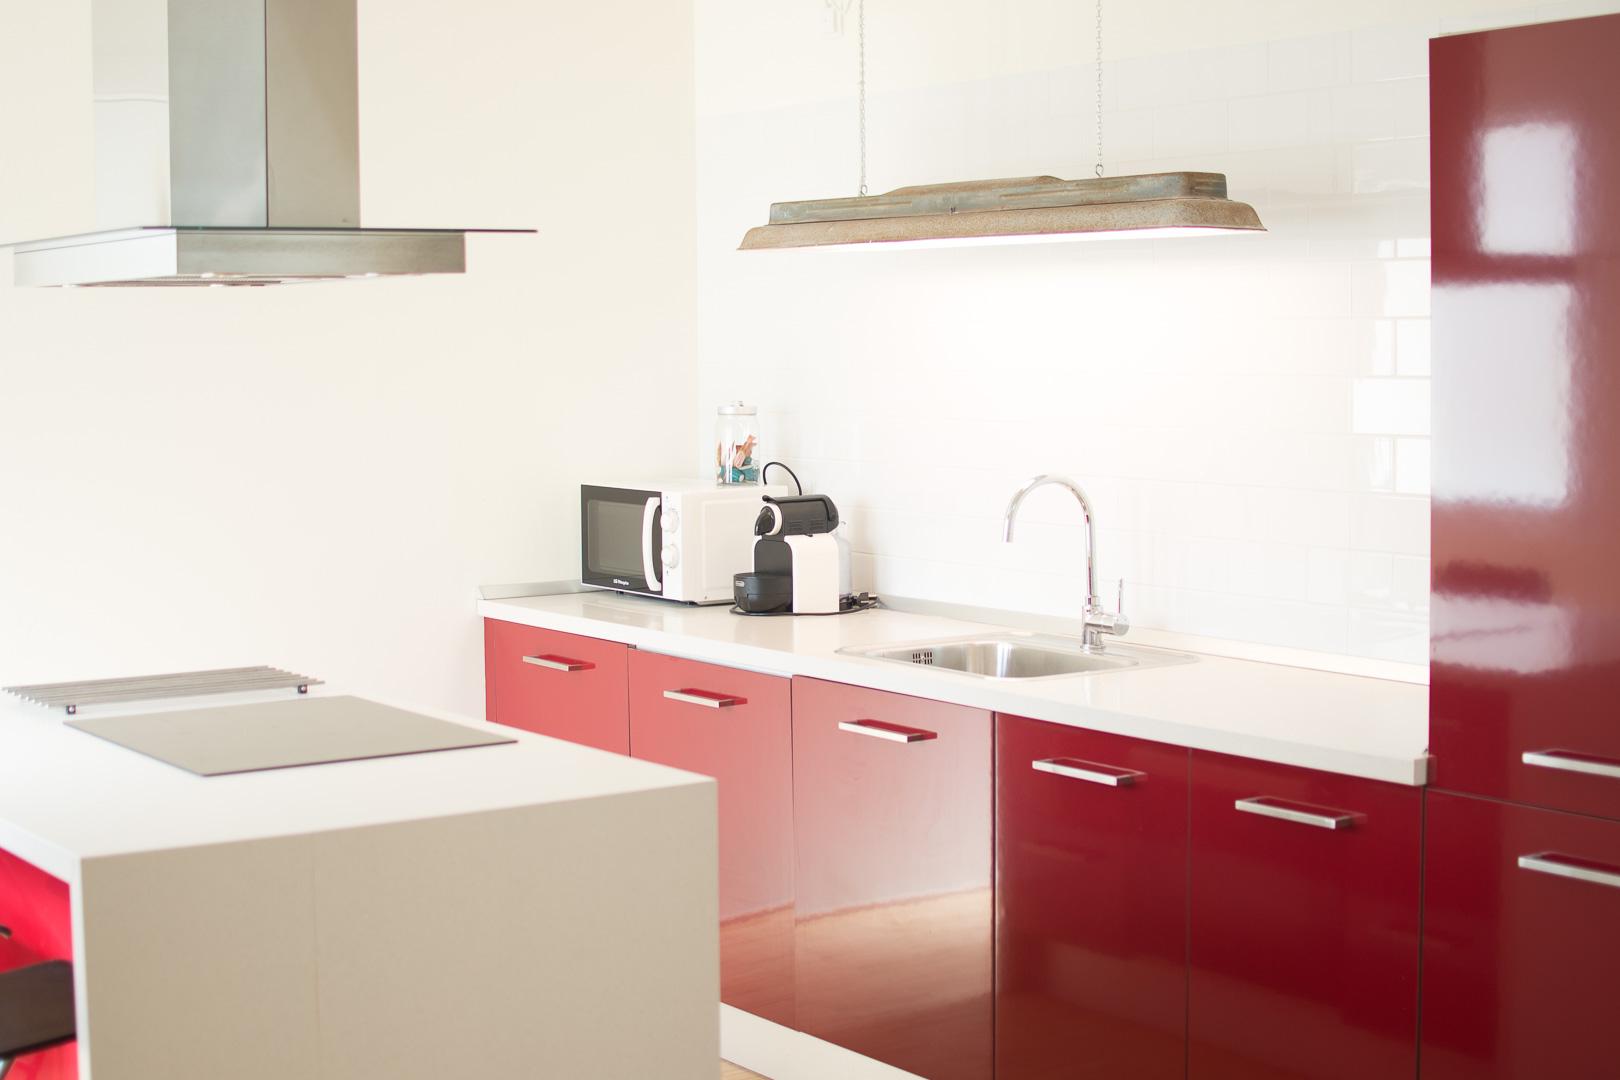 Apartamento C cocina (1 de 1)